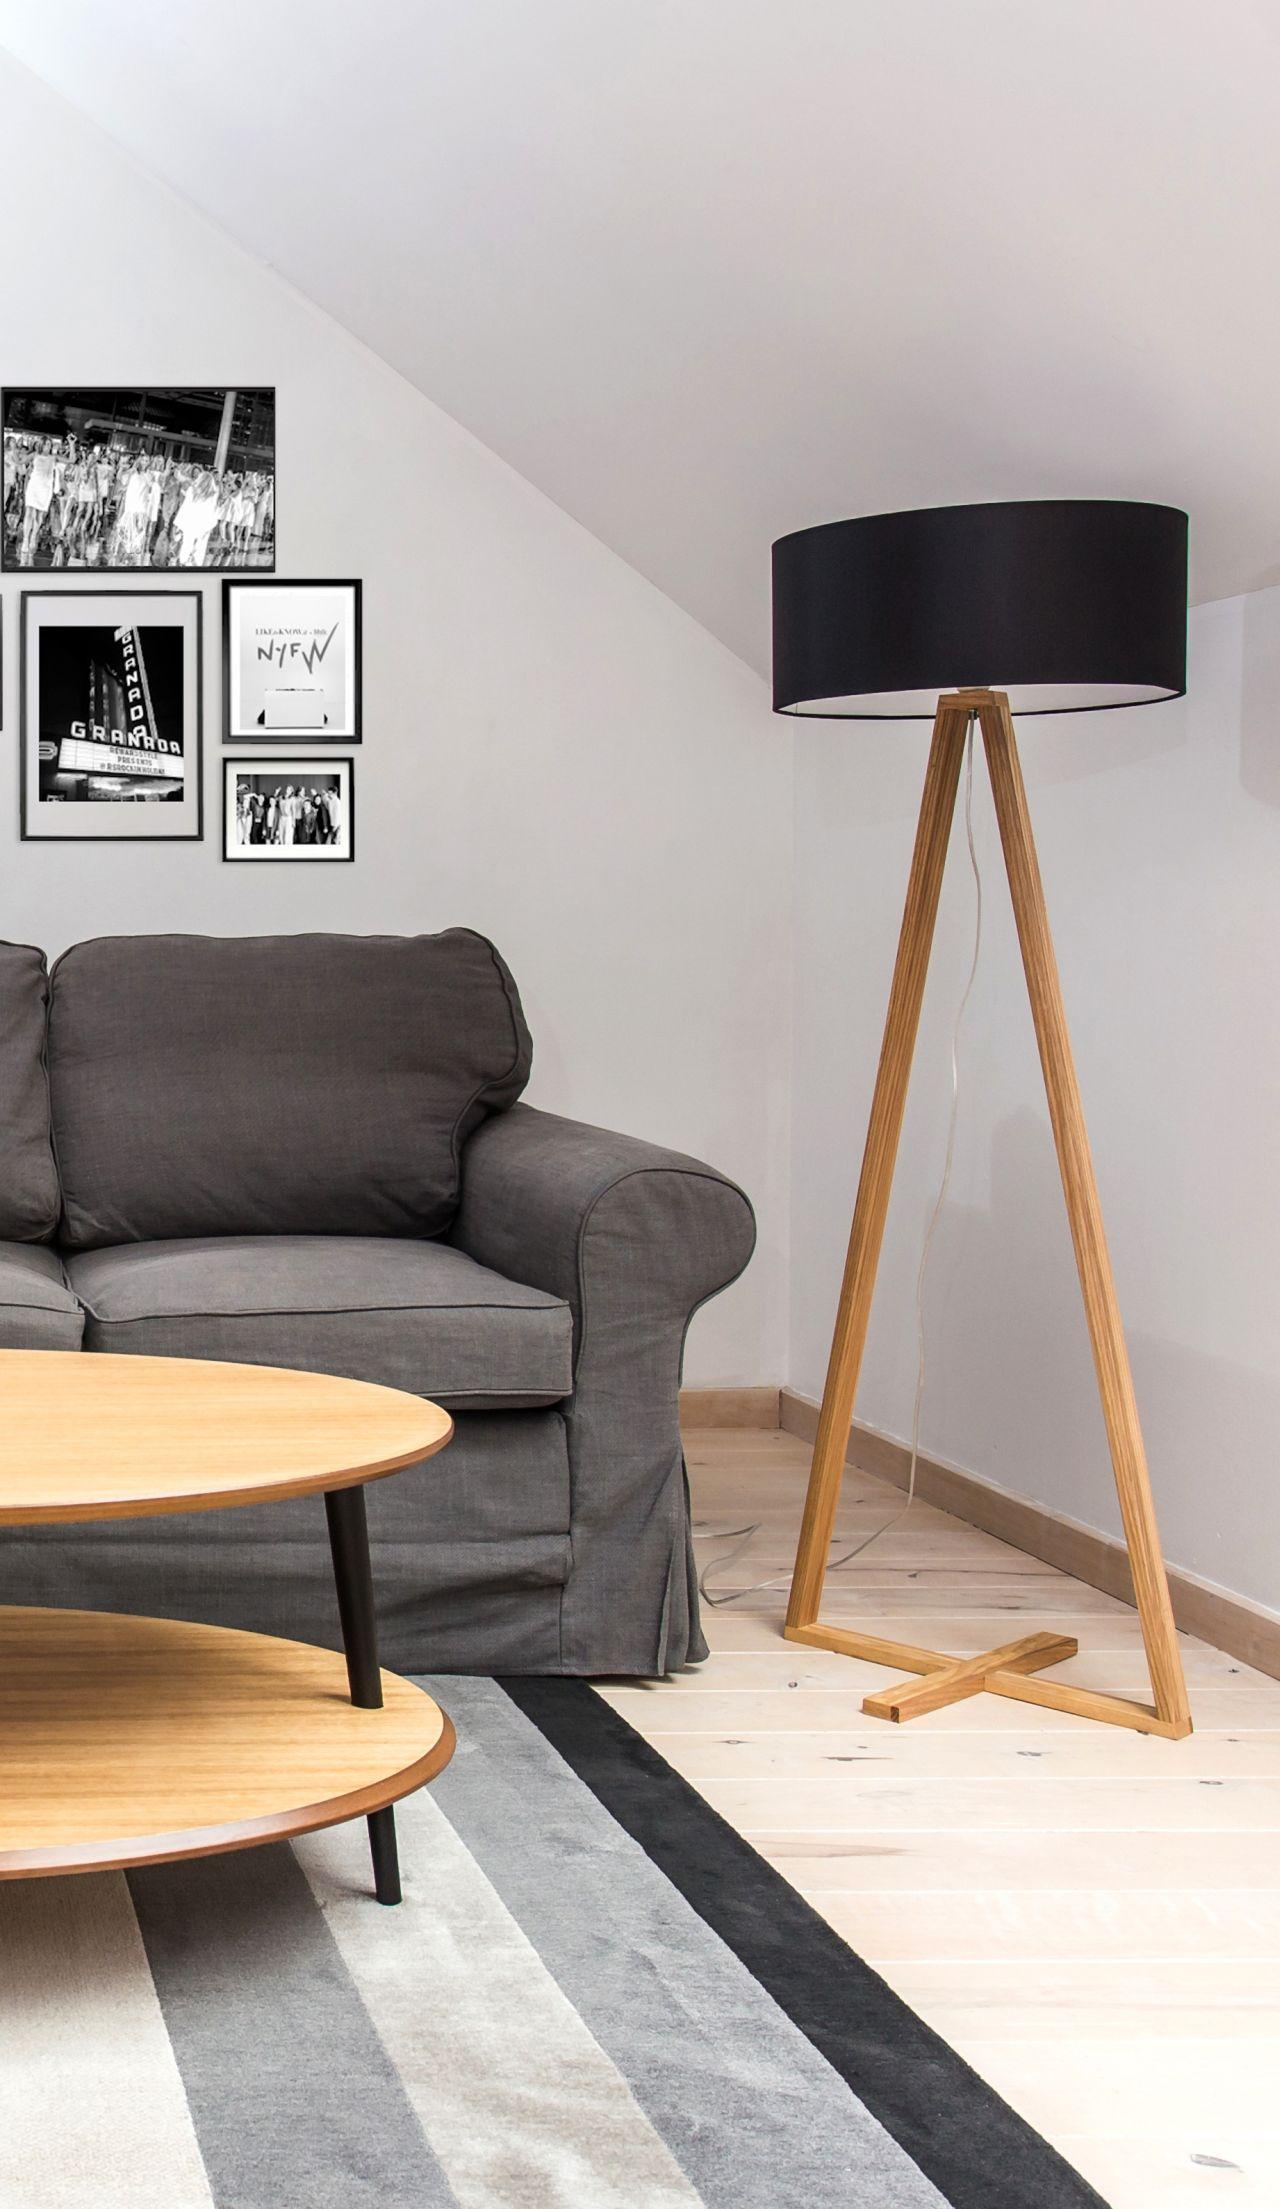 drewniana lampa tales przy kanapie owalny drewniany stolik kawowy podwójny blat